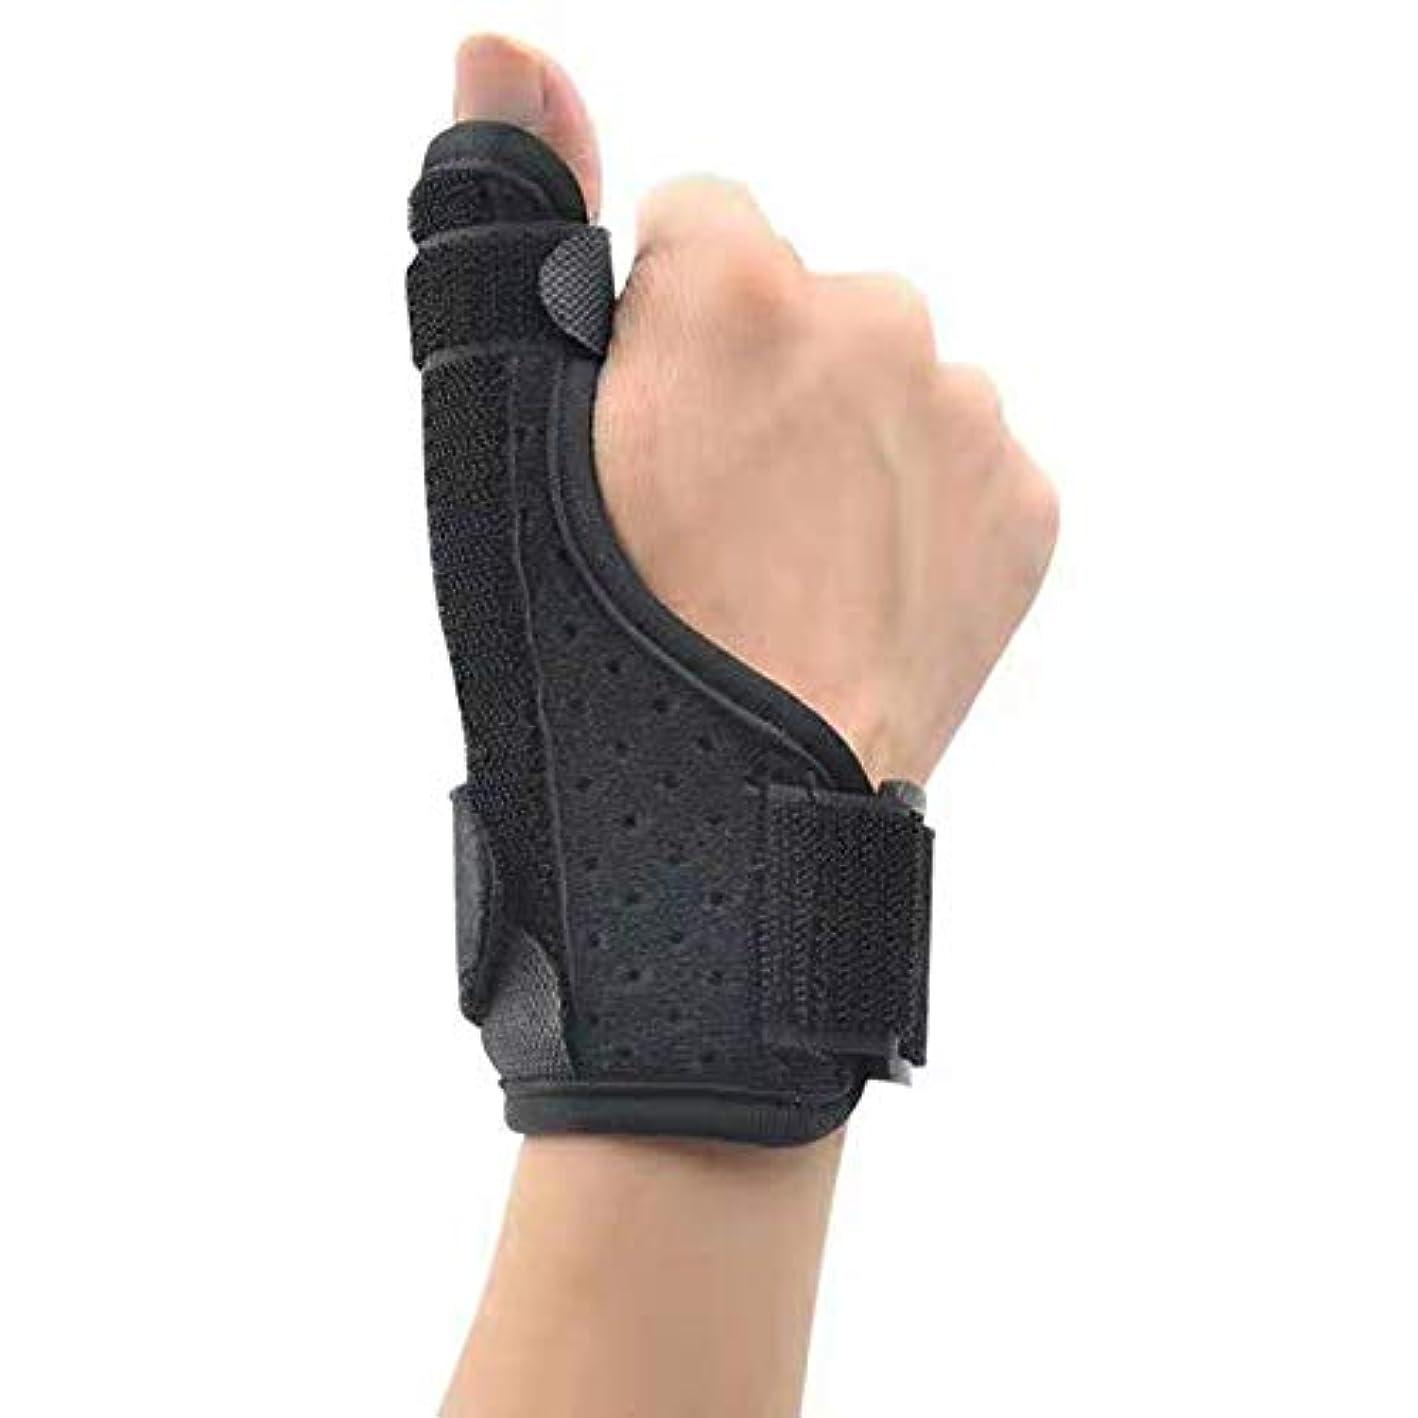 召集するセンブランスお肉腱鞘炎トリガー手根管人の女性のために修正された唯一の1個手首のサポートサムスプリント手首ブレース指アーマー親指捻挫破壊